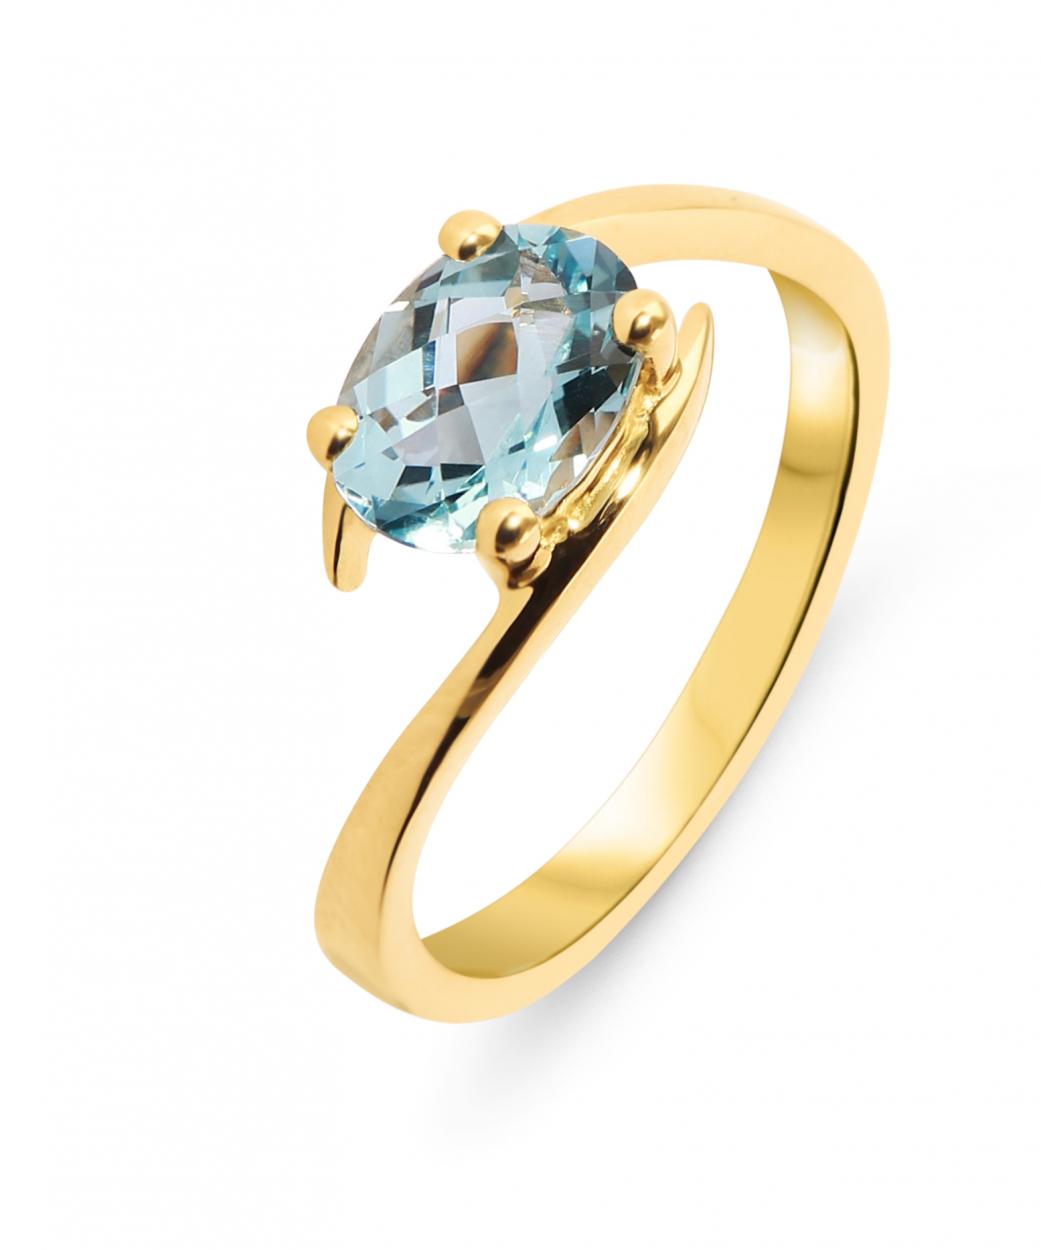 bague en or jaune avec pierre bleue